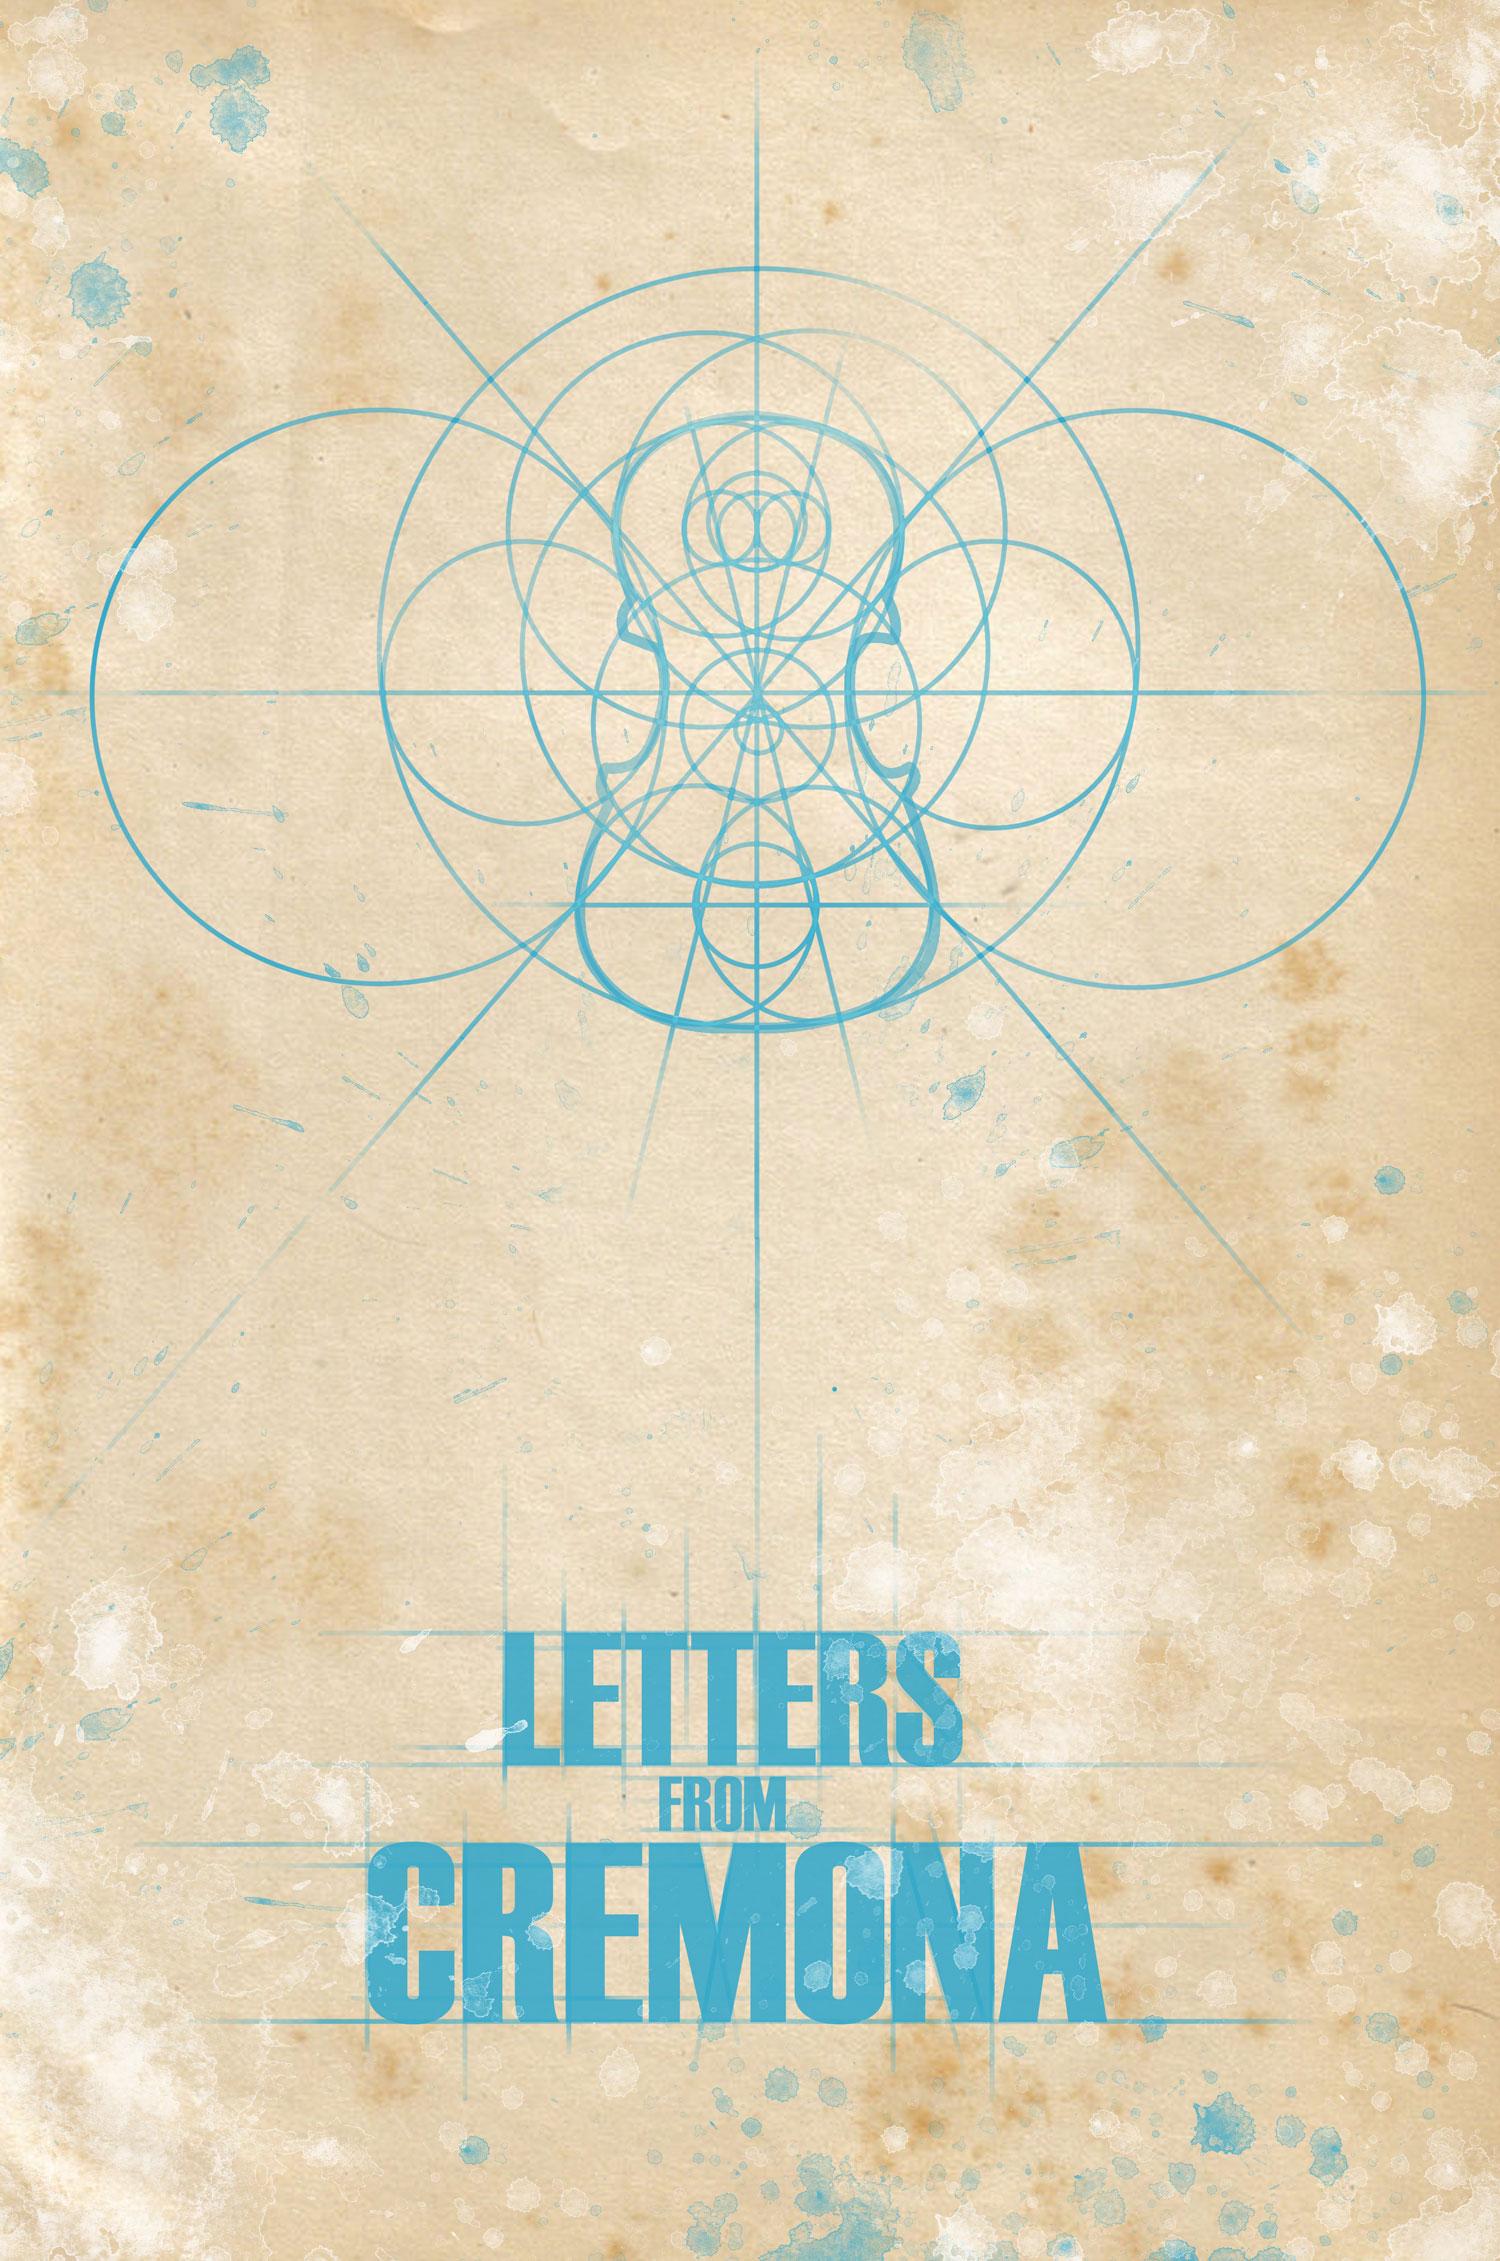 LettersFromCremona-v4